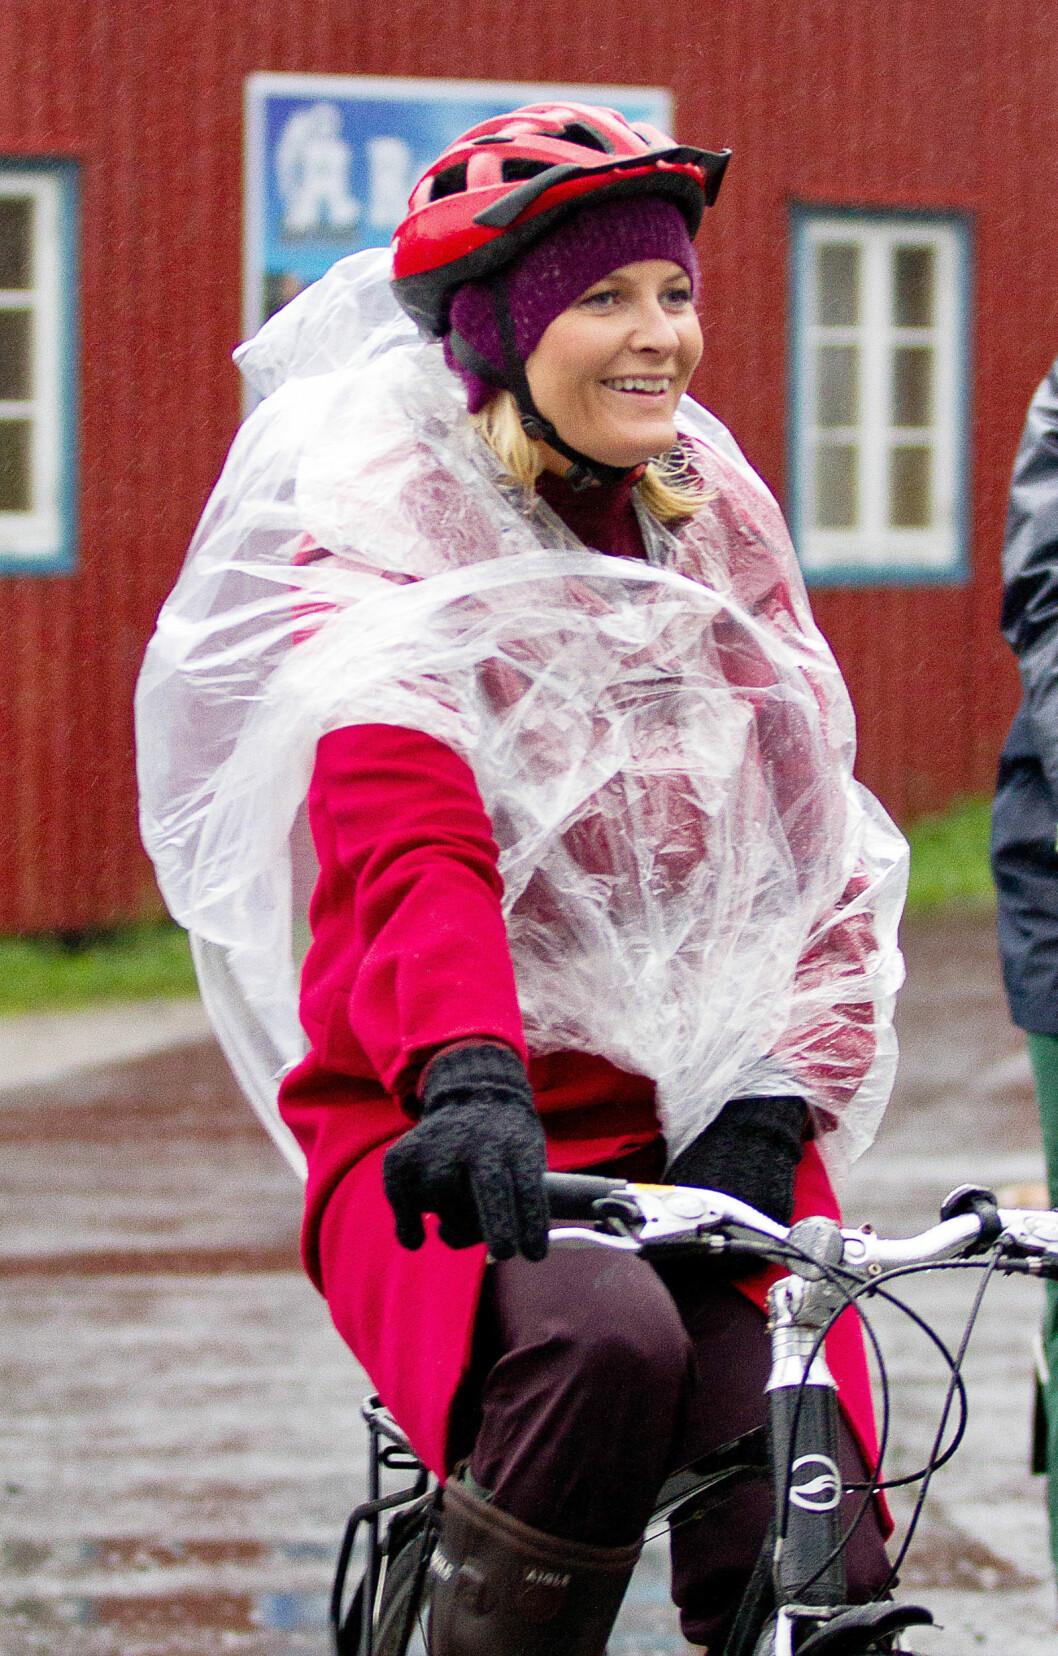 TOPP UNDER SYKKELHJELMEN: Luen funker i all slags vær, og er stor nok til å ha under sykkelhjelmen. Foto: All Over Press